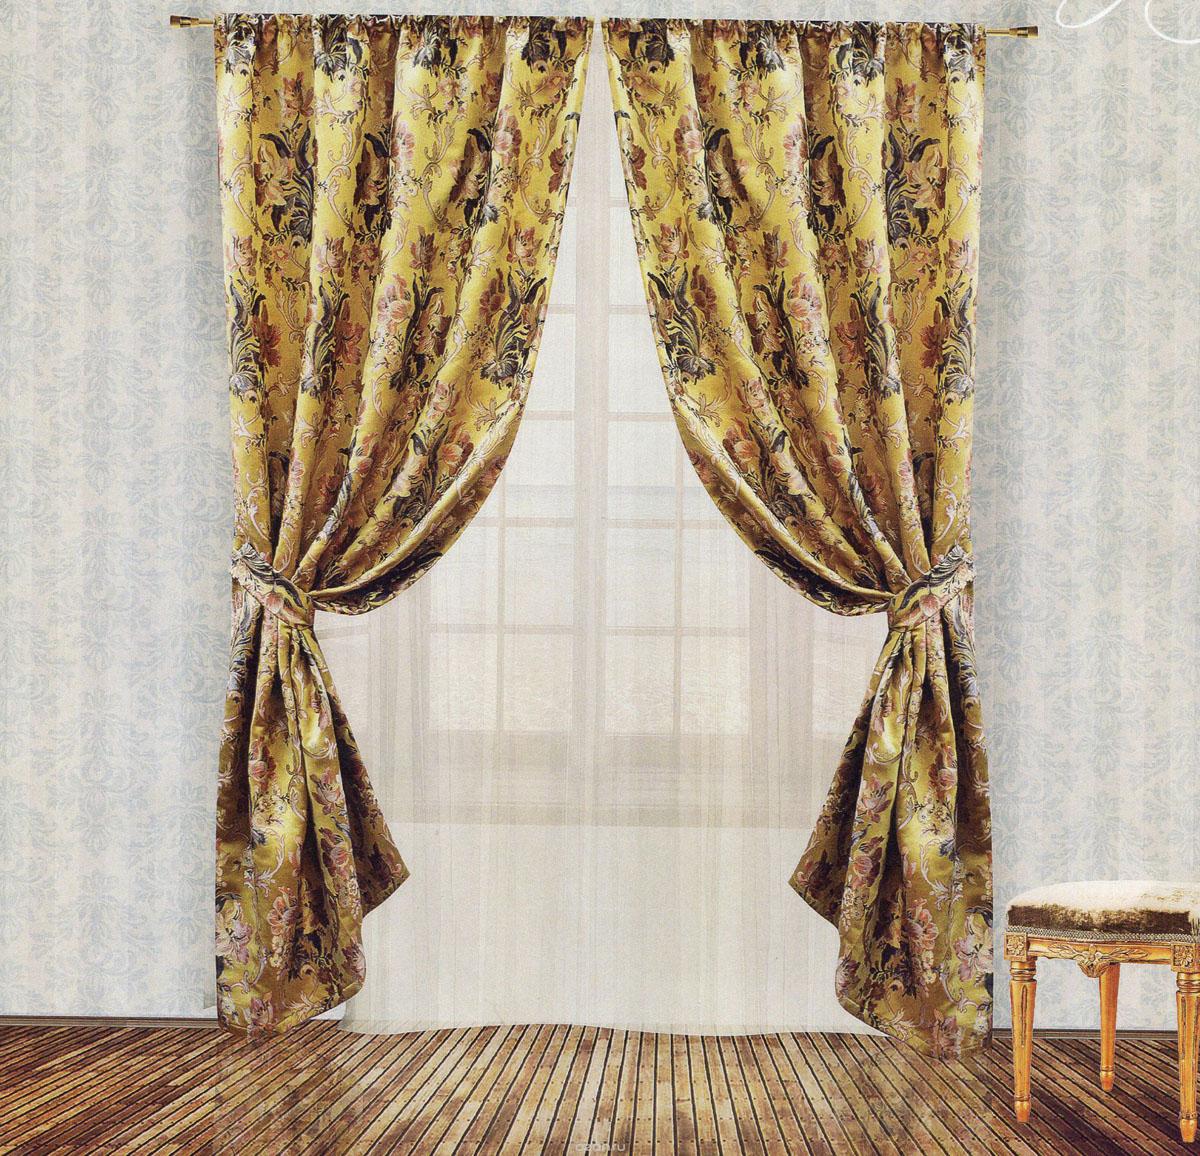 Комплект штор Zlata Korunka, на ленте, цвет: золотистый, высота 250 см. 5553755537Роскошный комплект штор Zlata Korunka, выполненный из гобелена (100% полиэстера), великолепно украсит любое окно. Комплект состоит из двух портьер и двух подхватов. Плотная ткань, цветочный принт и приятная, приглушенная гамма привлекут к себе внимание и органично впишутся в интерьер помещения. Комплект крепится на карниз при помощи шторной ленты, которая поможет красиво и равномерно задрапировать верх. Портьеры можно зафиксировать в одном положении с помощью двух подхватов. Этот комплект будет долгое время радовать вас и вашу семью! В комплект входит: Портьера: 2 шт. Размер (ШхВ): 140 см х 250 см. Подхват: 2 шт. Размер (ШхВ): 60 см х 10 см.